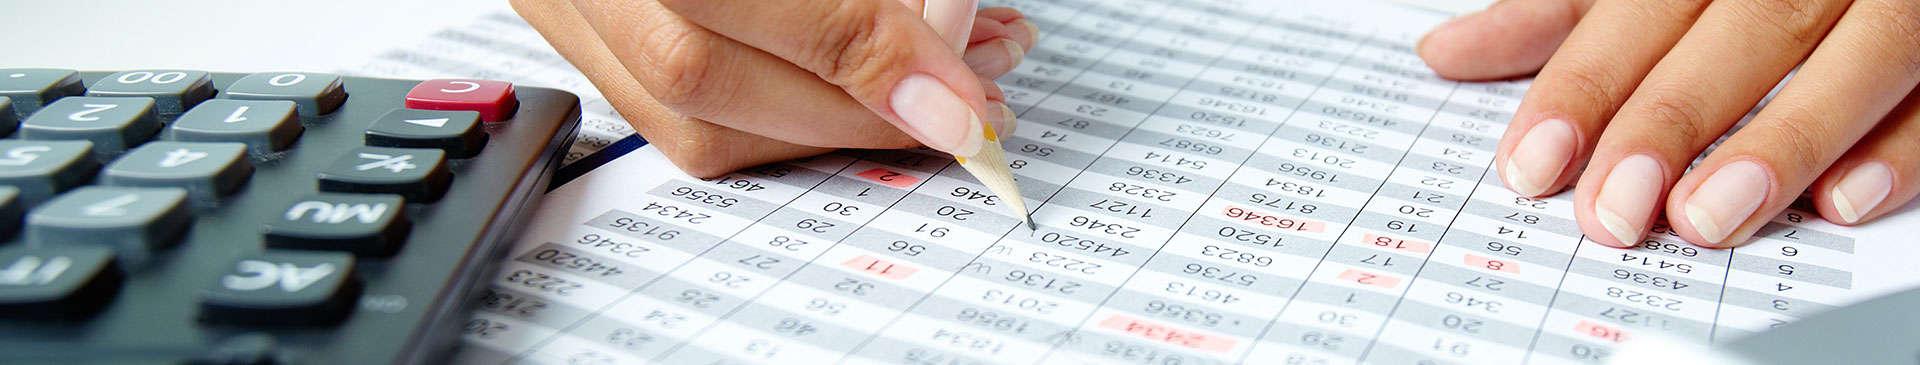 Claiming expenses — blogger.com